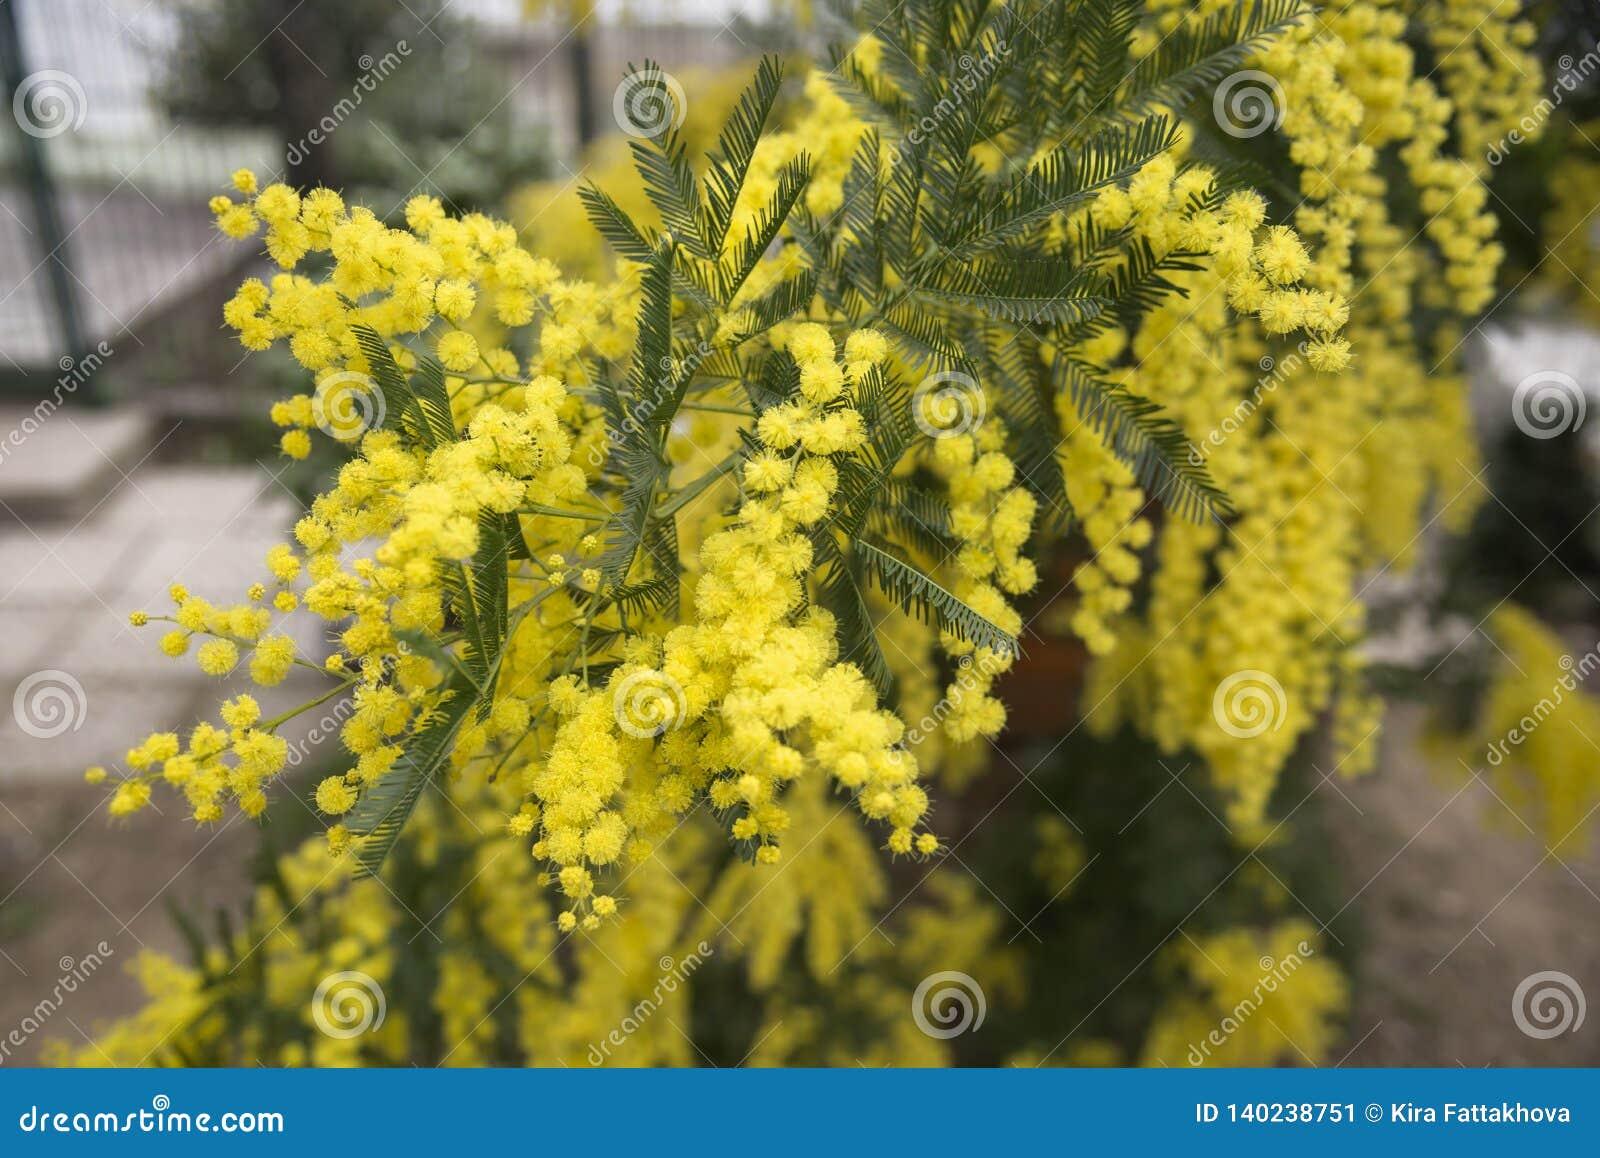 Bloeiende Mimosa in de tuin in de lente Tuin, het tuinieren De bloesem van de de lentevakantie